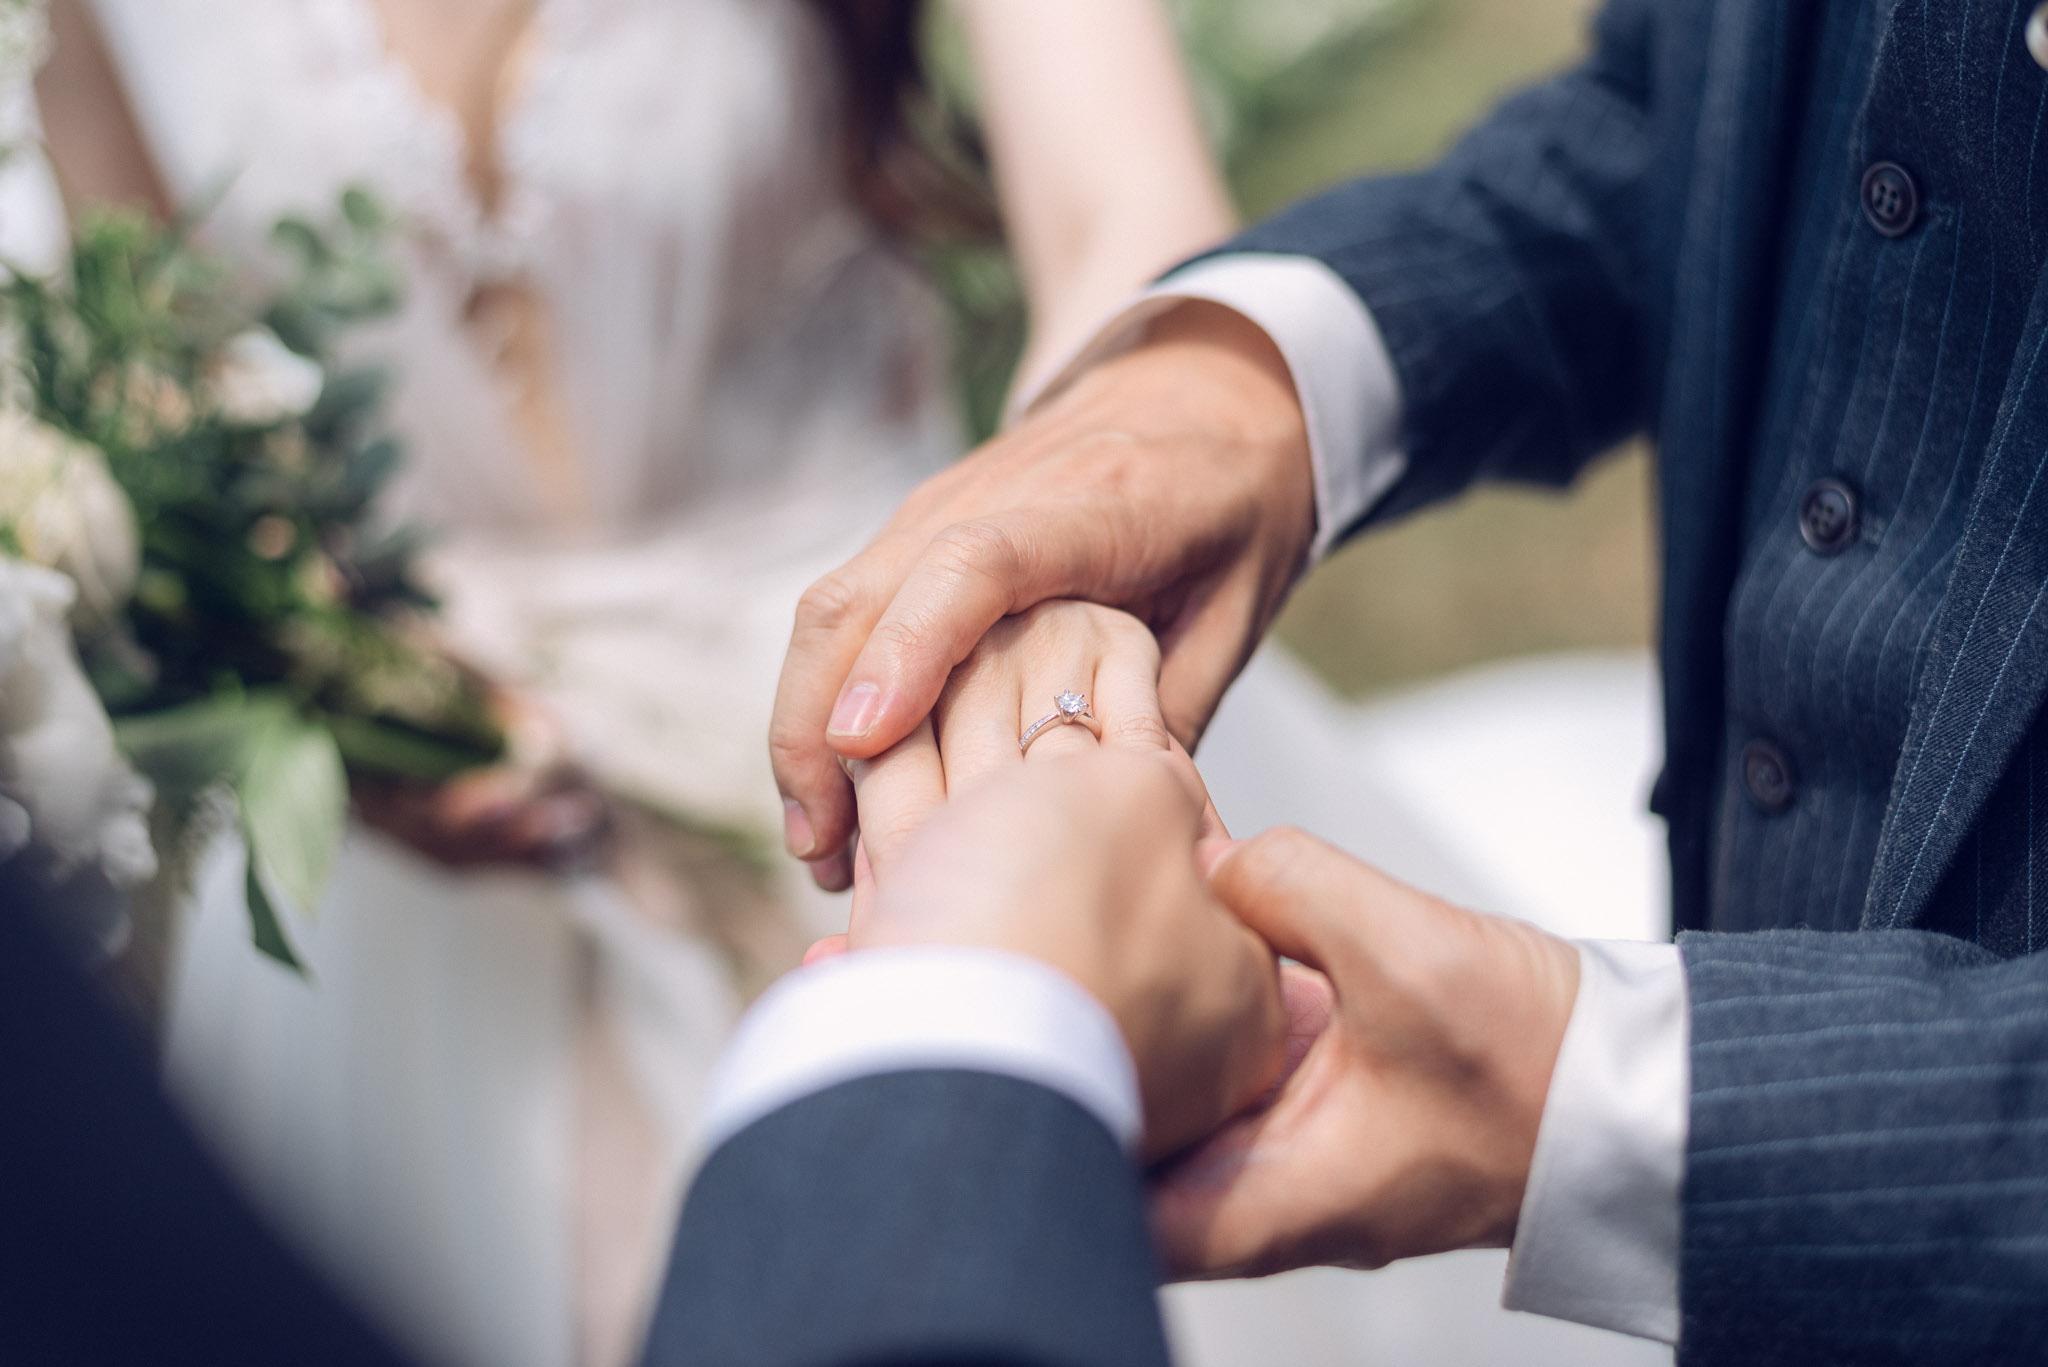 婚禮優惠,想樂優惠,小資婚禮